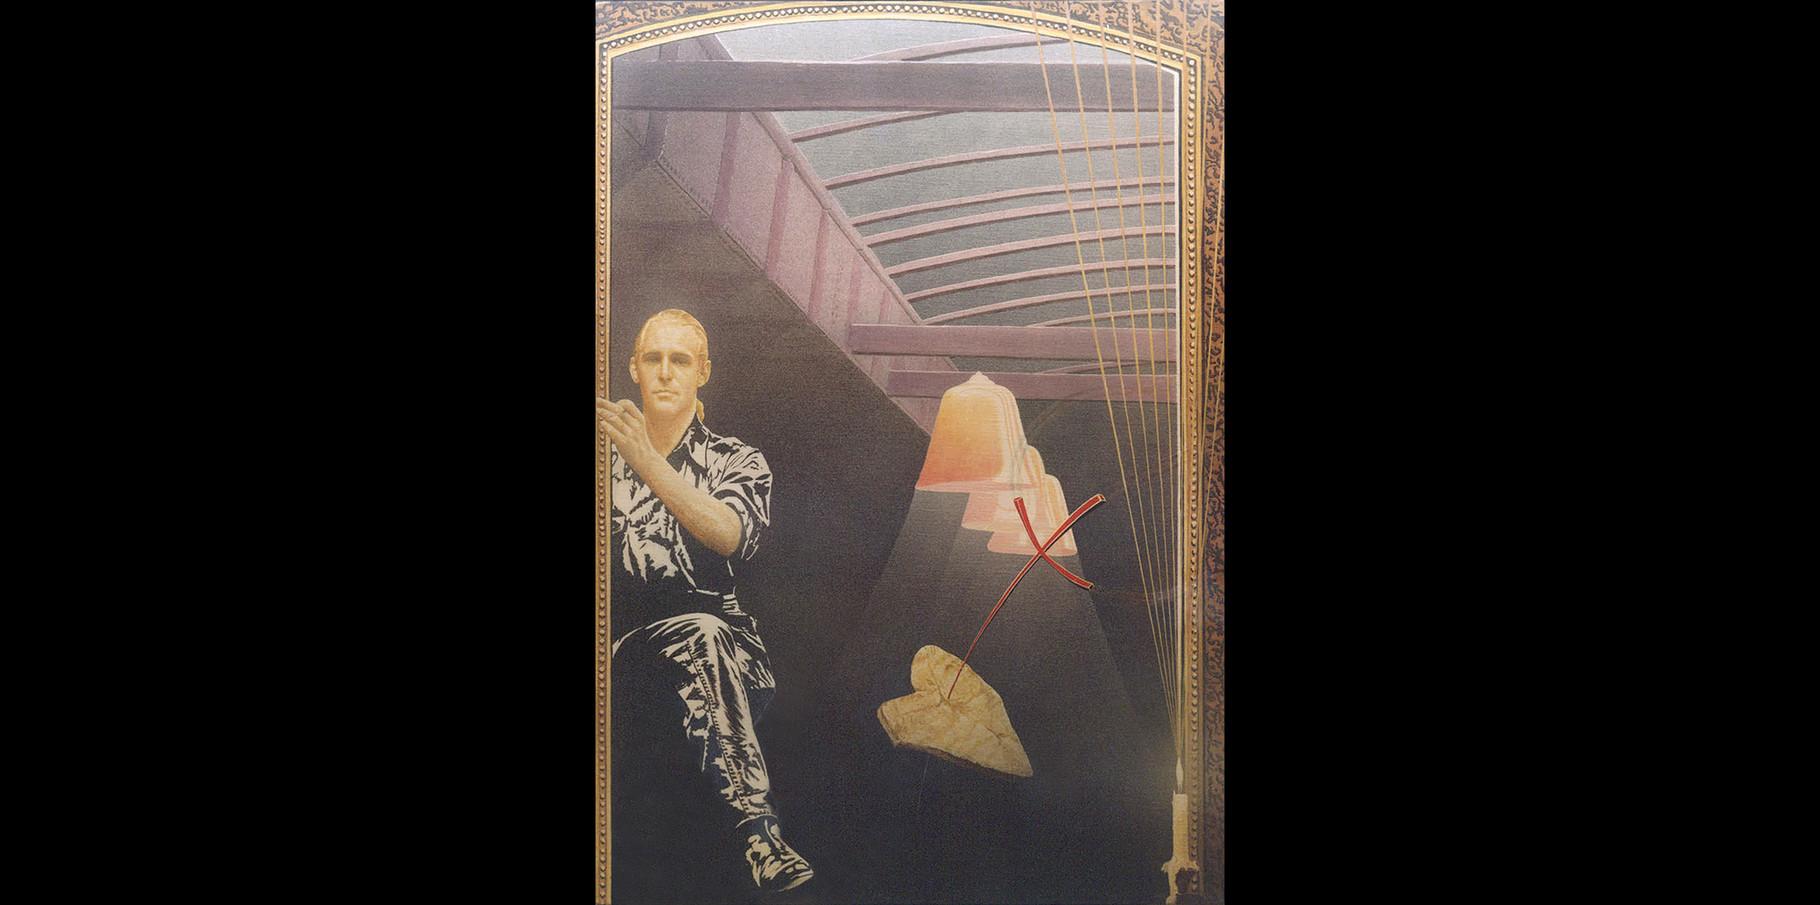 Autoportrait - acrylique sur toile